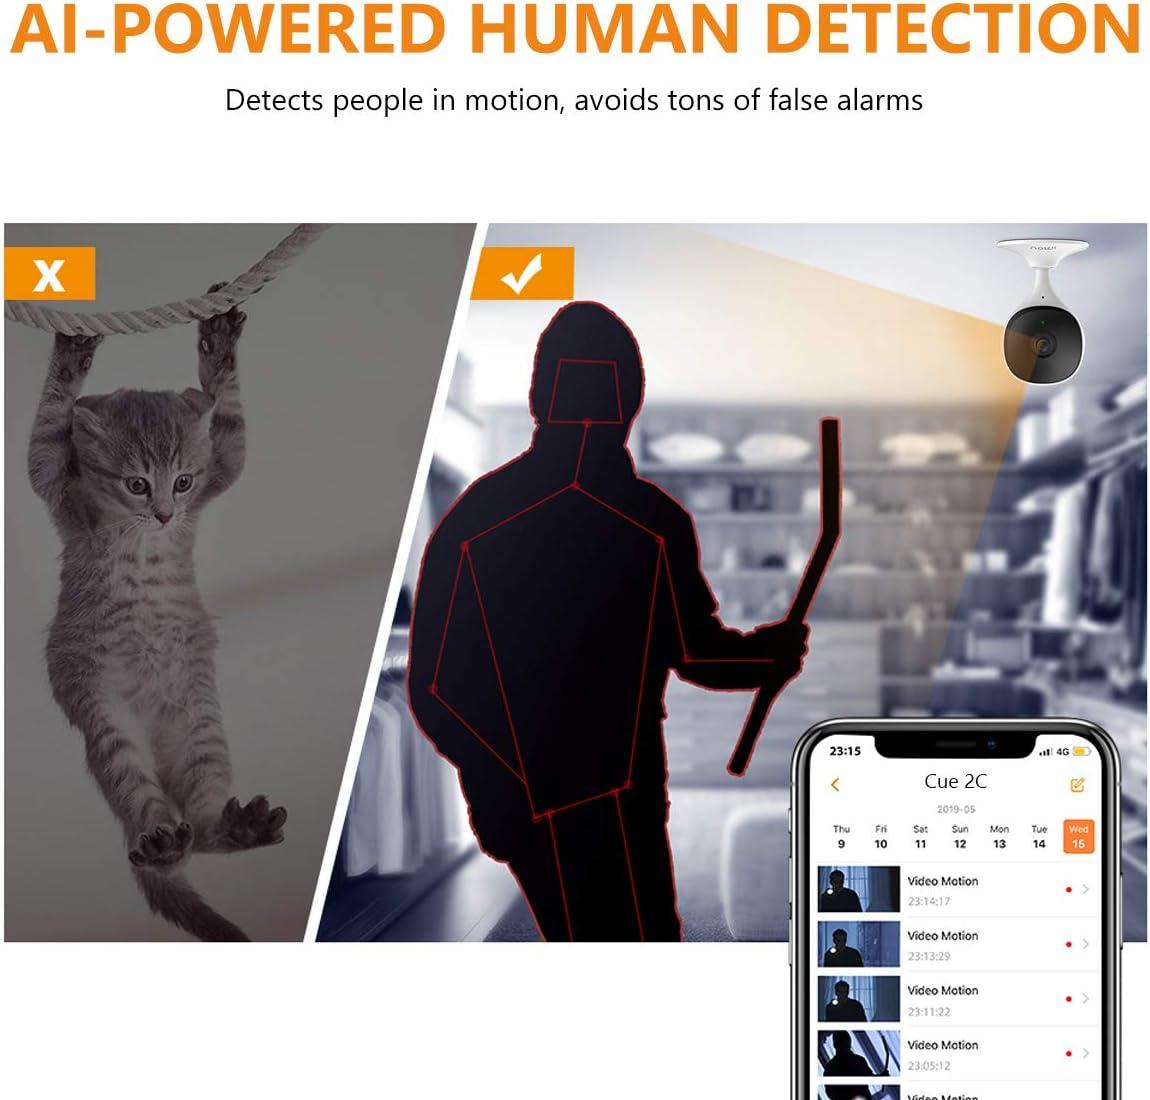 Almacenamiento en el Cloud Vigilabebes C/ámara de Vigilancia Beb/és 1080P WiFi Interior Detecci/ón Humana y de Sonido Imou Vigila Beb/és con Visi/ón Nocturna Compatible con Alexa Google